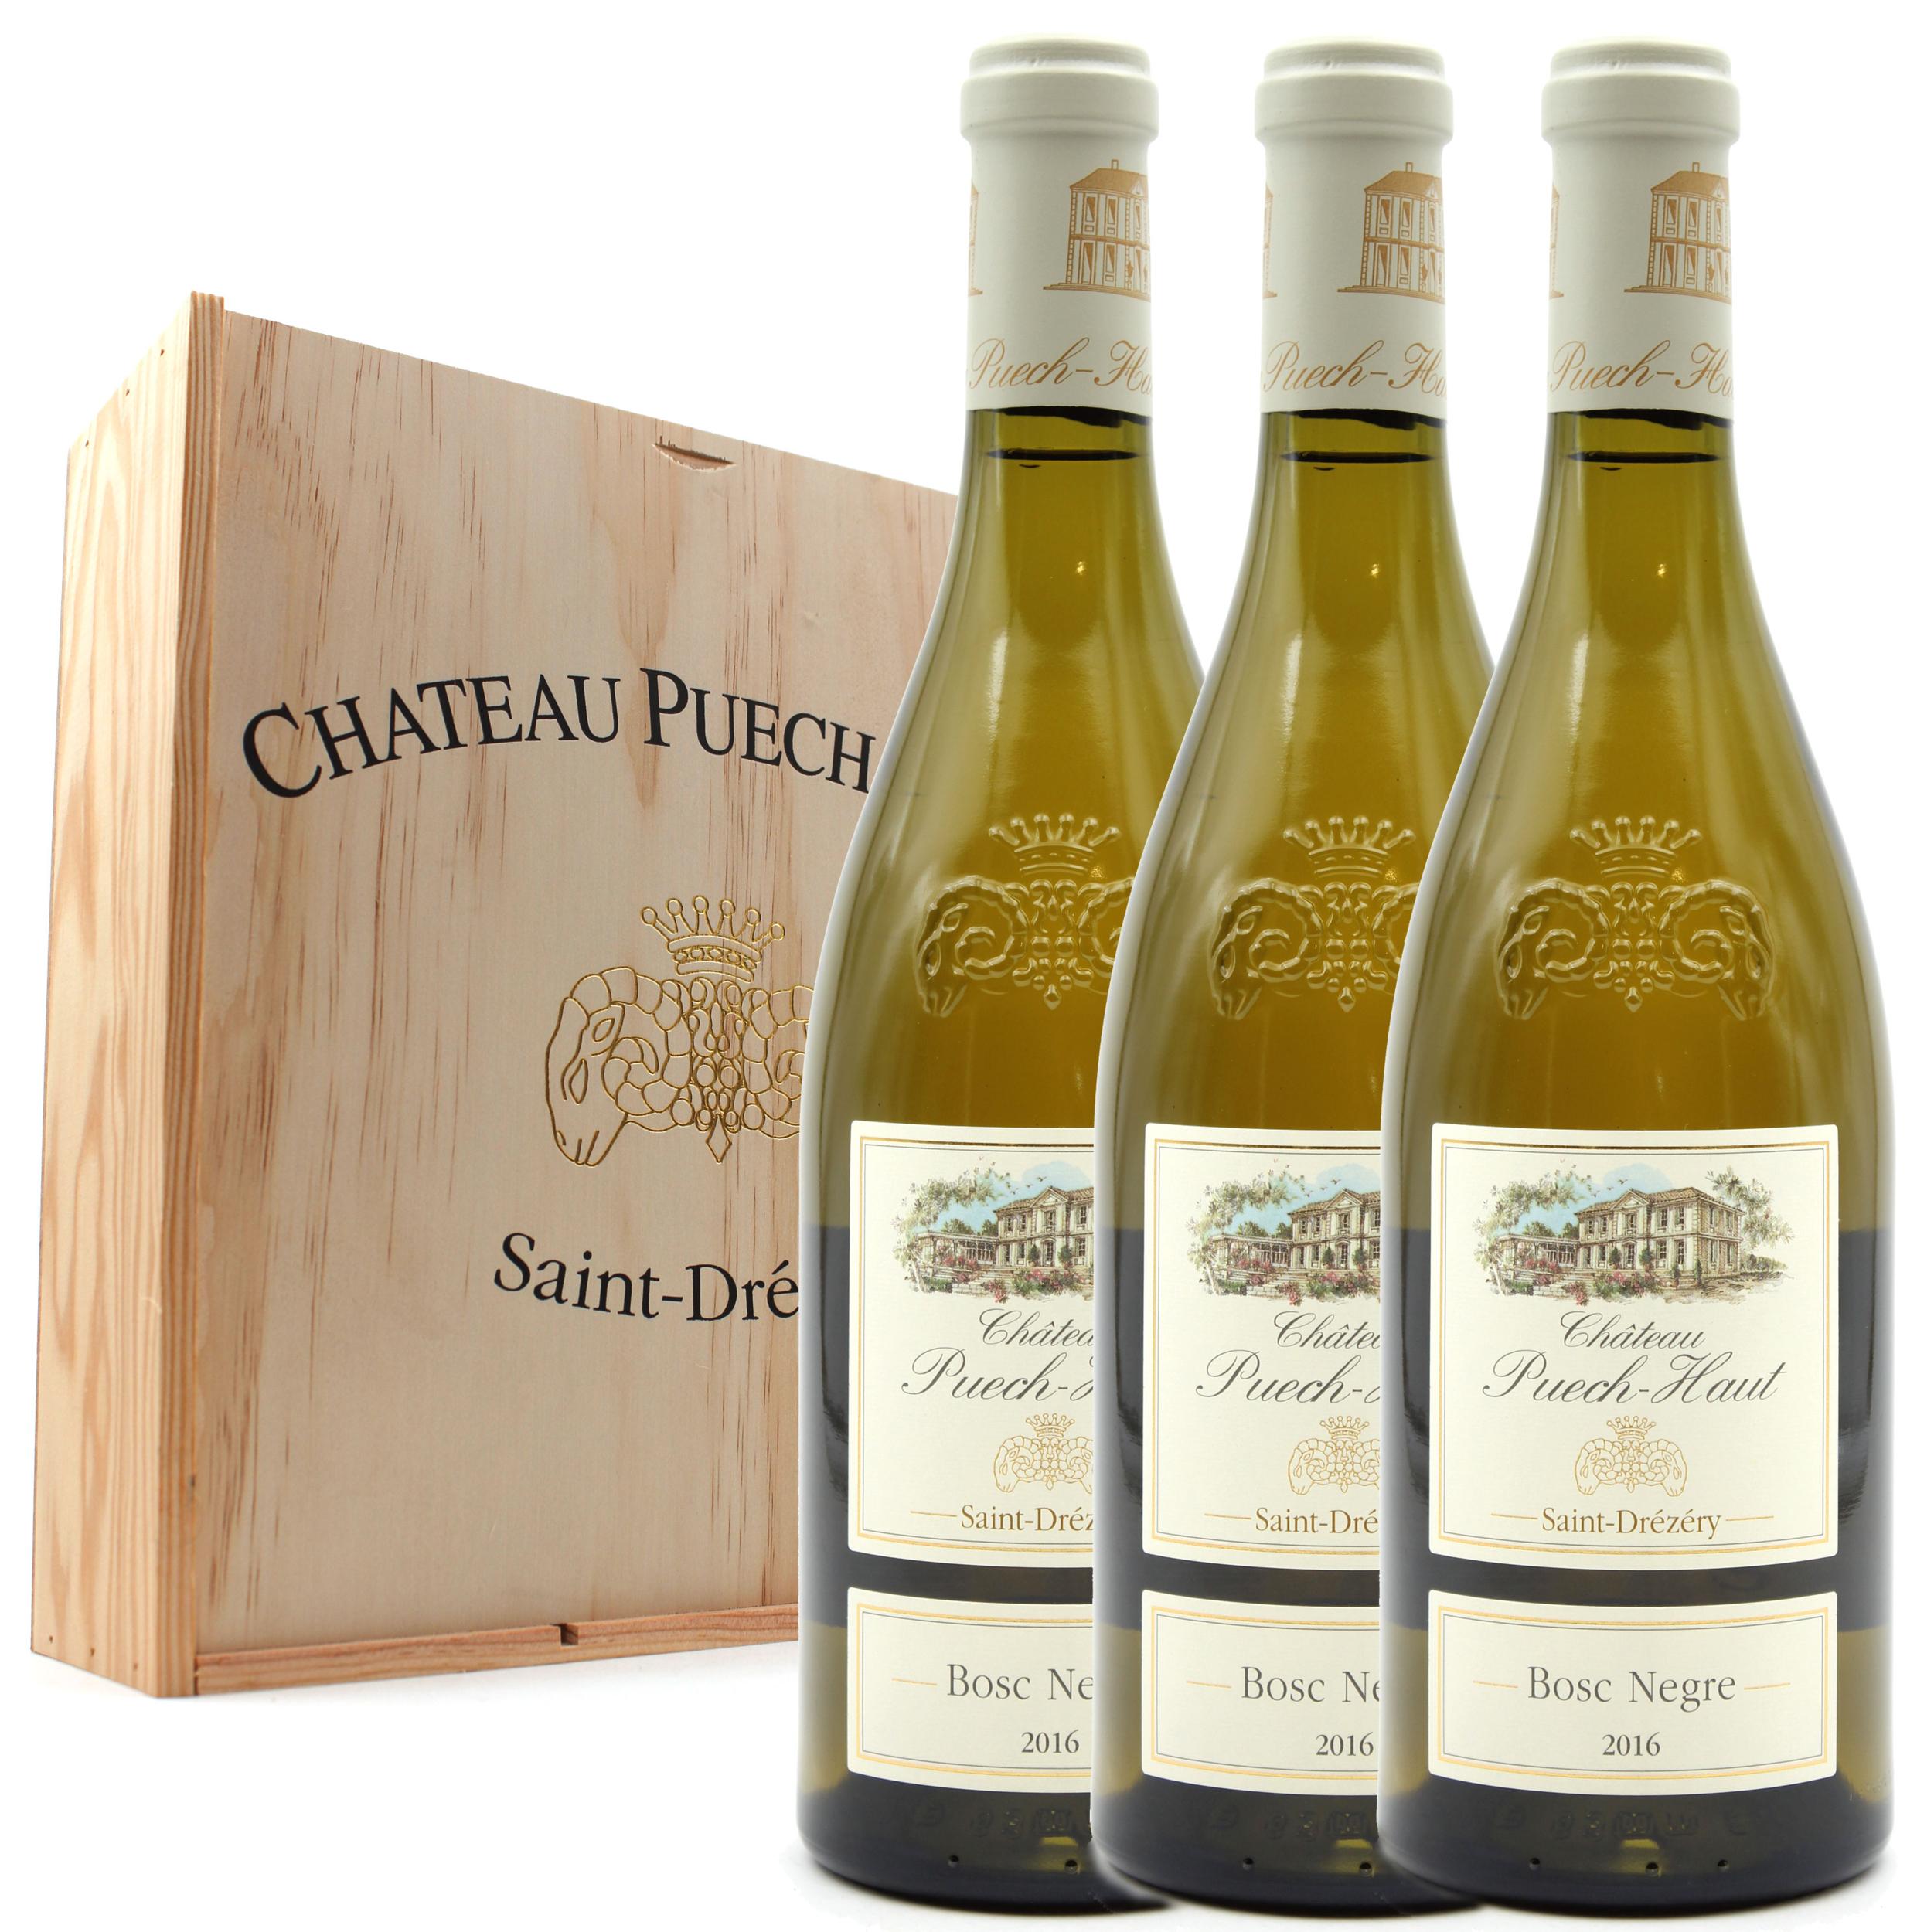 Coffret 3 bouteilles Bosc Negre 2016 de Vin Blanc - Château Puech Haut - Côteaux du Languedoc